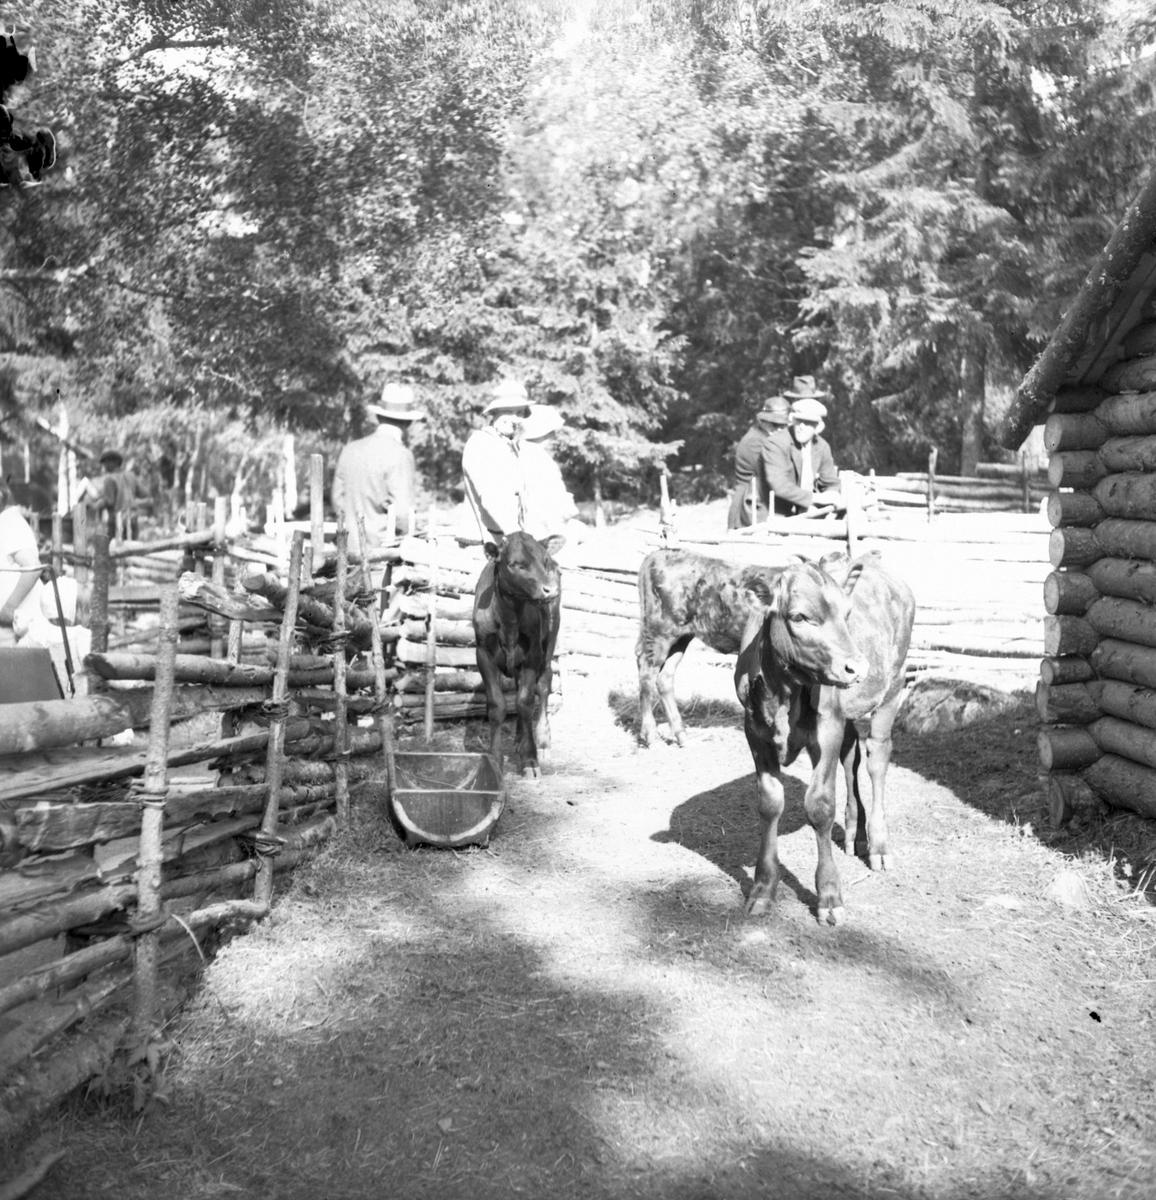 Furuviksparken invigdes pingstdagen 1936.  Nöjesfältet, badplatsen Sandvik och djurparken gjordes iordning.  Hjortdjur